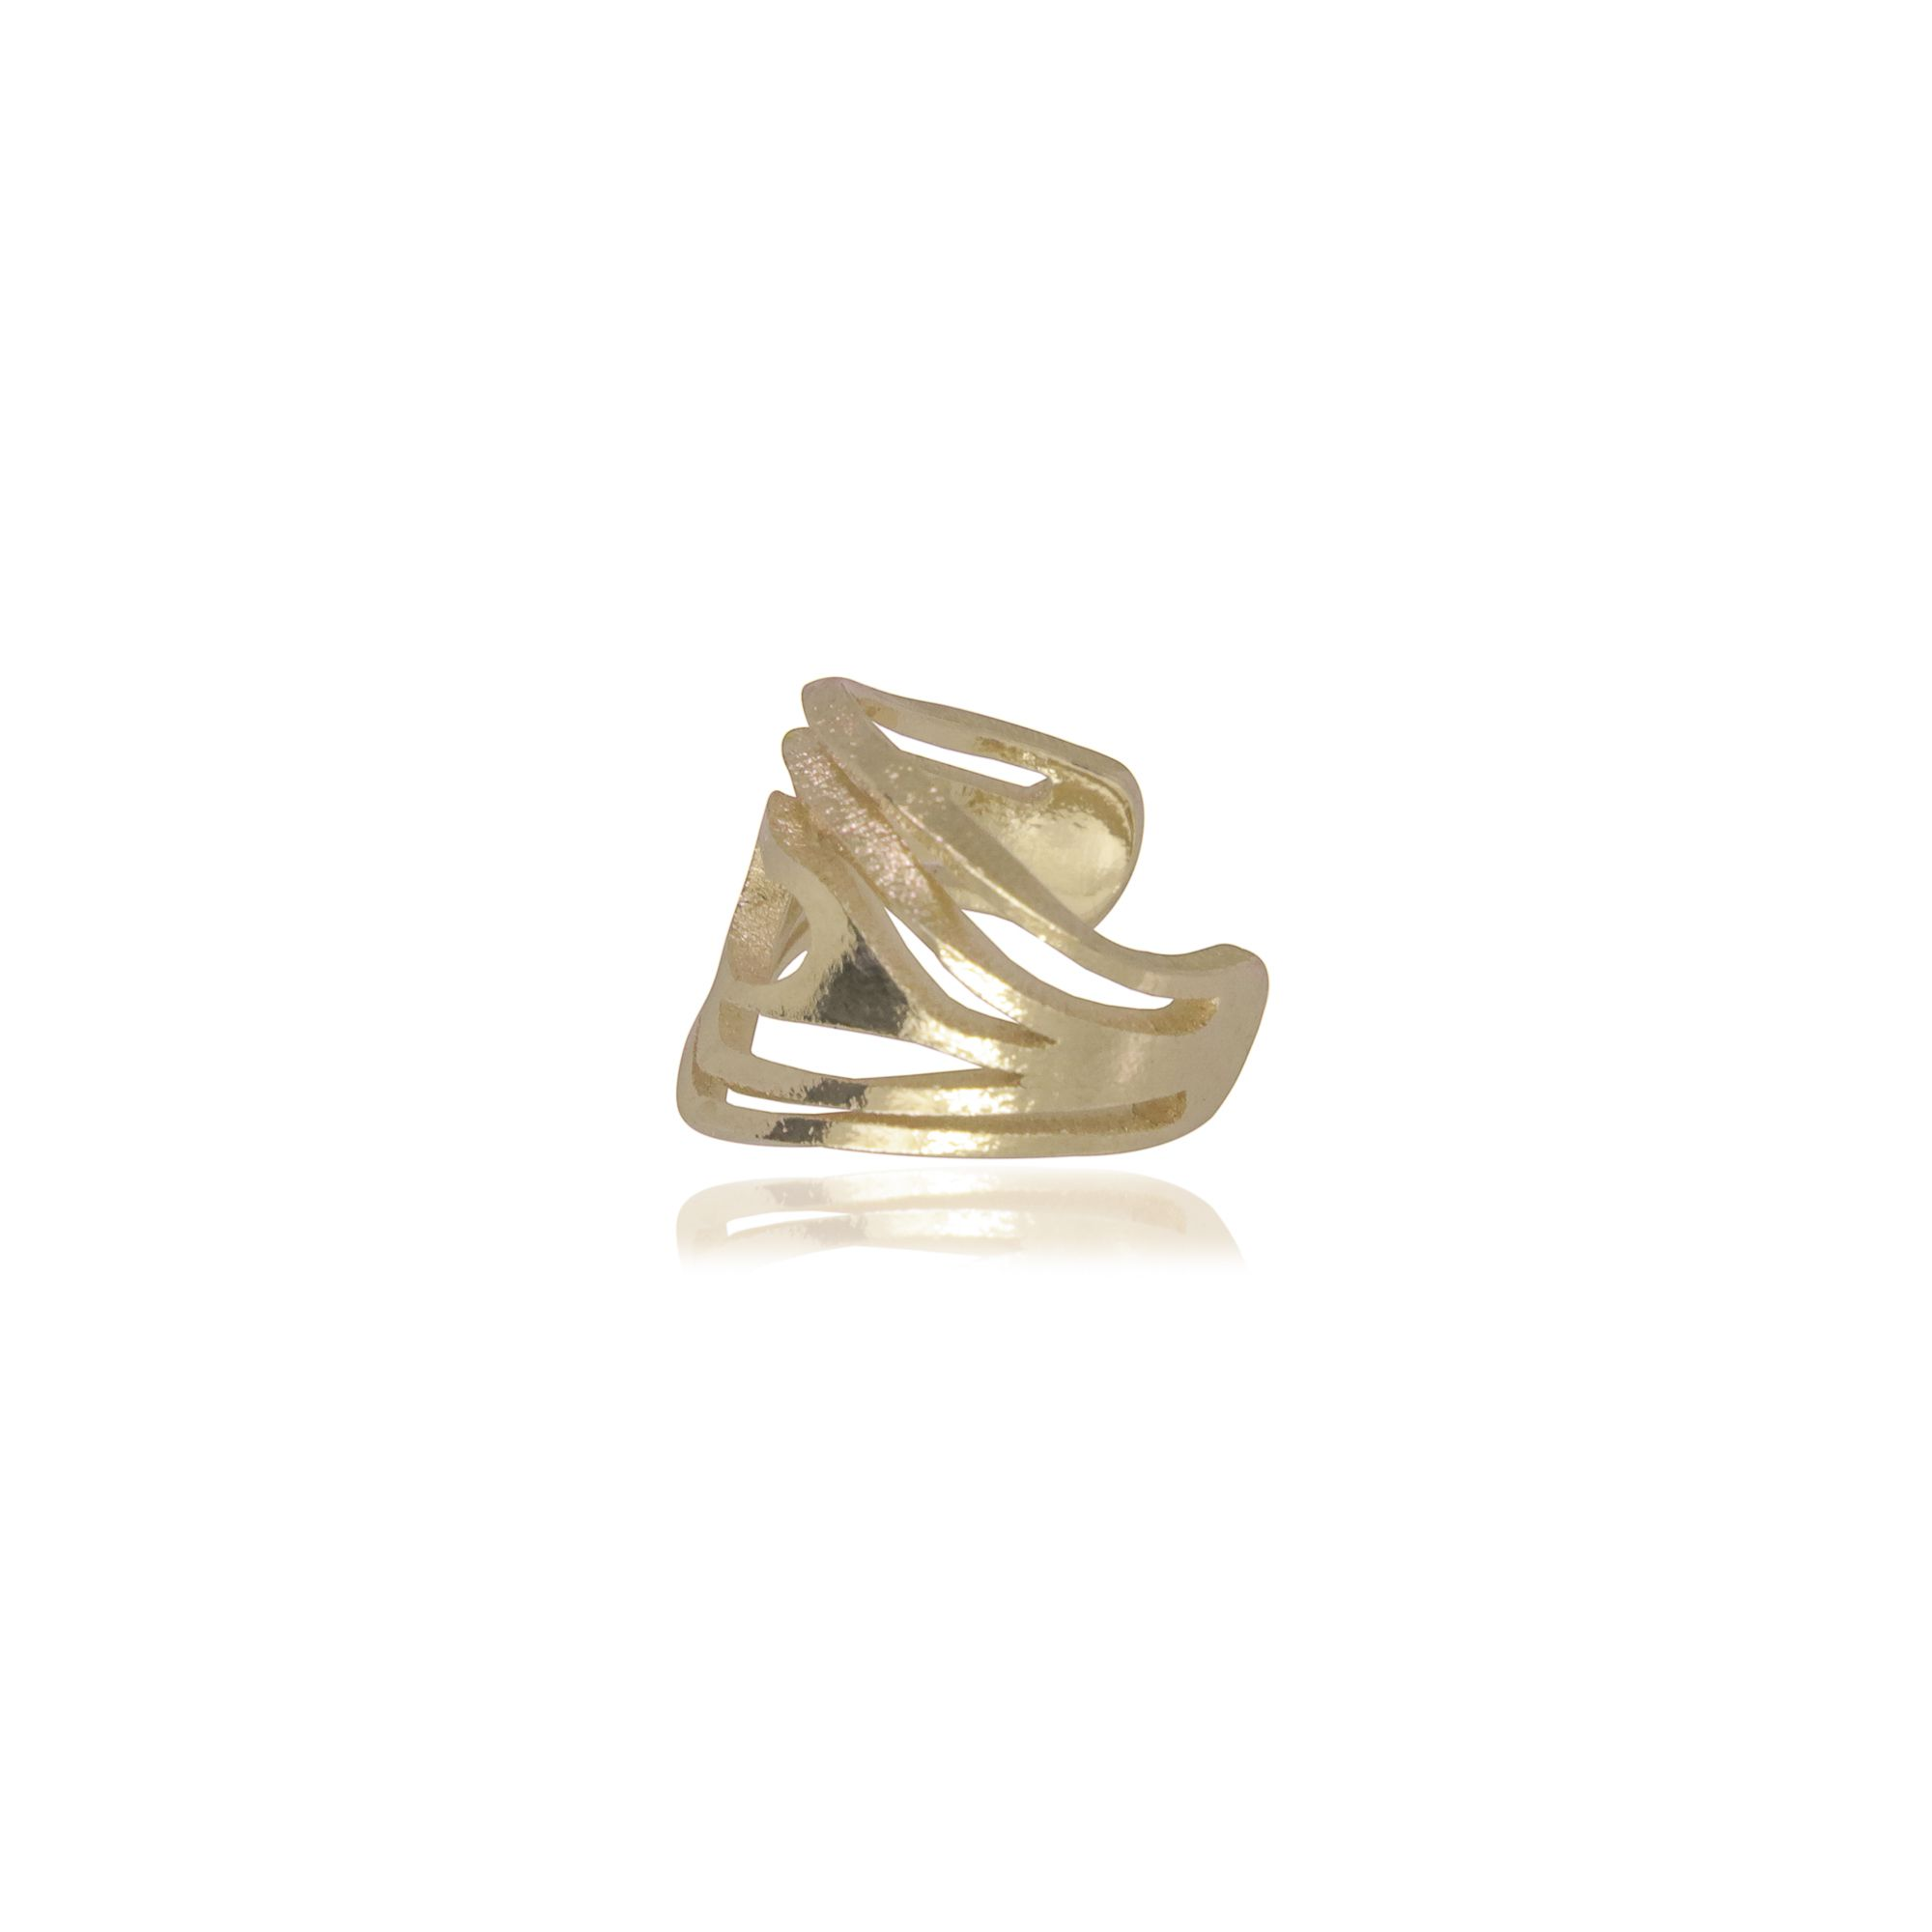 Piercing Semi joia coração vazado banhado a ouro 18k ou rhodium